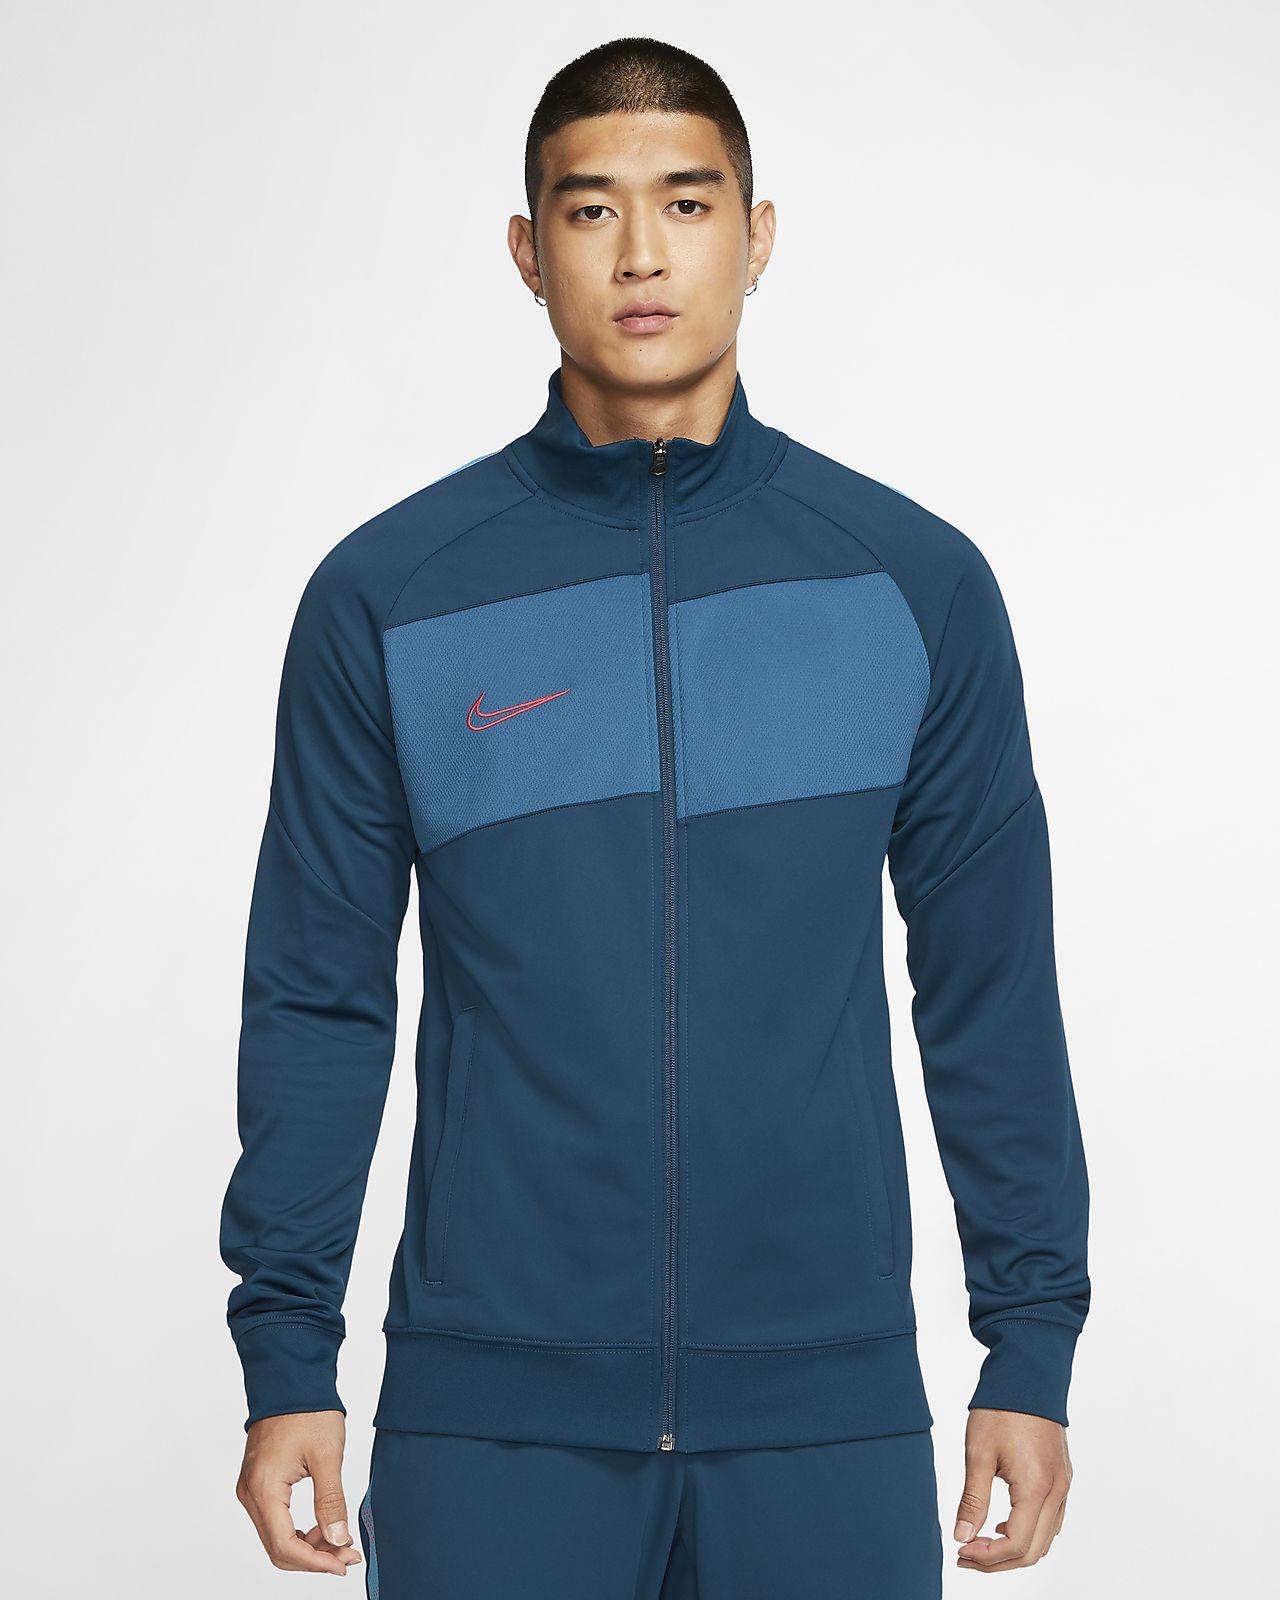 Nike Dri-FIT Academy Pro férfi futballkabát